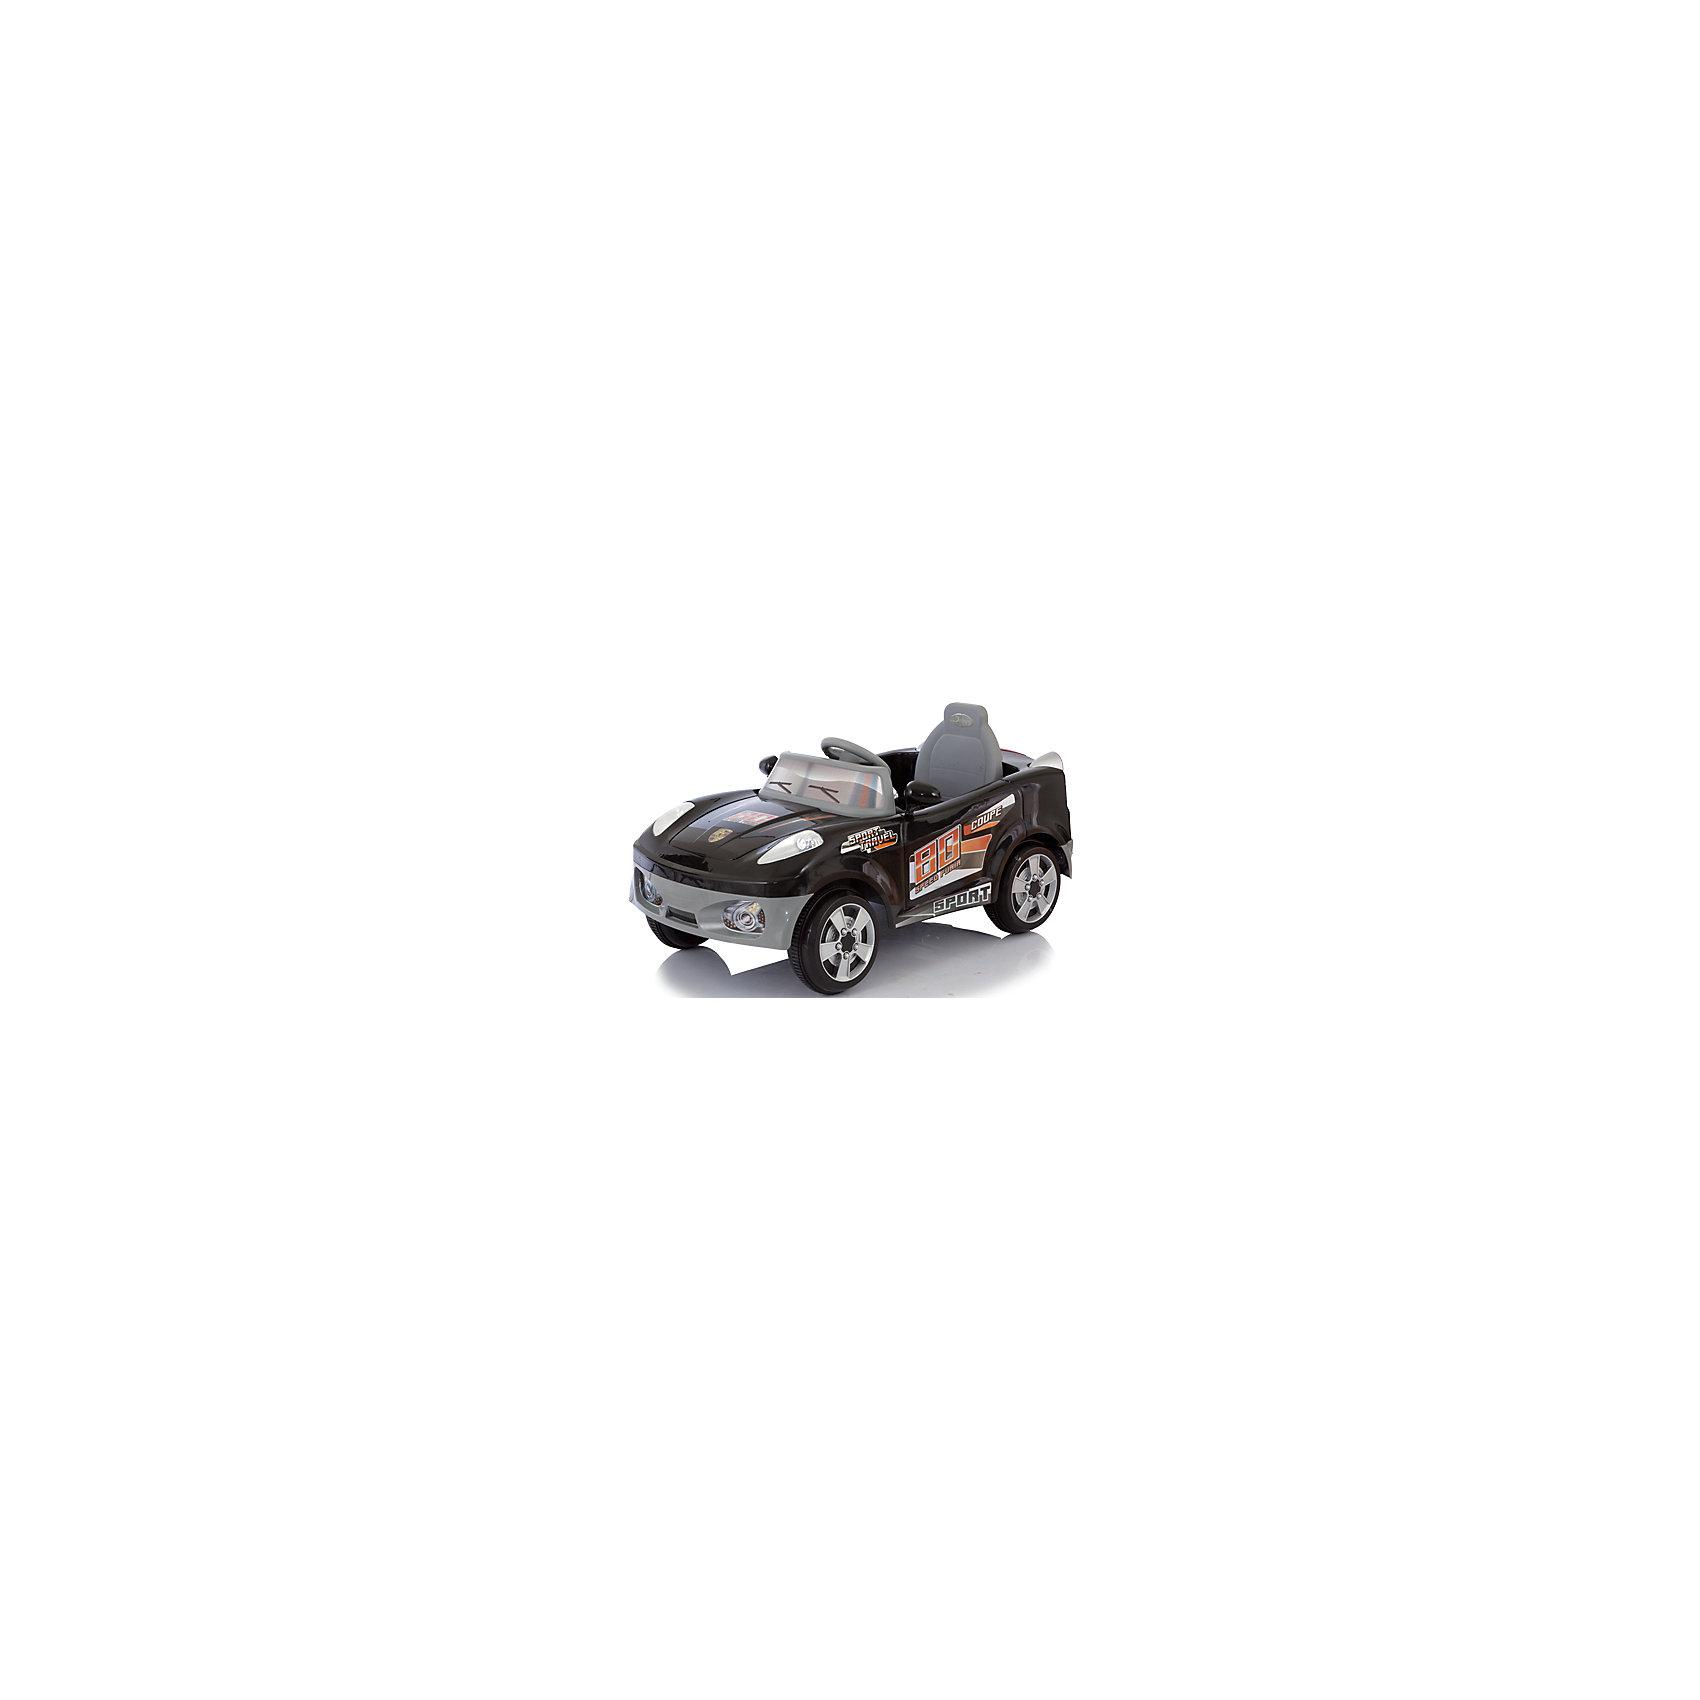 Электромобиль Coupe, черный, JetemJetem (Жетем) Coupe – качественный электромобиль, который подойдет даже самым маленьким.  Машина может управляться также с помощью пульта дистанционного управления, что позволяет максимально обезопасить ребенка. Электромобиль  питается от 6v аккумулятора, что позволяет ему беспрерывно двигаться в течении 2,5 часов. Максимальная скорость – 3,5 км/ч, есть возможность езды задом. Колеса снабжены резиновыми накладками для лучшего сцепления. Руль оснащен модулем со множеством звуковых сигналов (требуются дополнительные AA батарейки). Есть возможность подключения mp3 плеера или радиоприемника. <br><br>Дополнительная информация:<br><br>Аккумулятор: 6V <br>Время работы аккумулятора: до 2,5 часов<br>Время зарядки аккумулятора: 8-10 часов<br>Коробка передач: 1 скорость вперед, 1 скорость назад <br>Максимальная скорость: до 3,5 км/ч<br>Размеры: размеры электромобиля: 106x71x71 см<br>Максимальная нагрузка: 35 кг<br>Вес:12,5 кг<br>Дальность действия ПДУ: около 20 метров<br><br>Электромобиль Coupe, черный, Jetem (Жетем) можно купить в нашем магазине.<br><br>Ширина мм: 1160<br>Глубина мм: 630<br>Высота мм: 390<br>Вес г: 16900<br>Возраст от месяцев: 24<br>Возраст до месяцев: 72<br>Пол: Унисекс<br>Возраст: Детский<br>SKU: 4618480